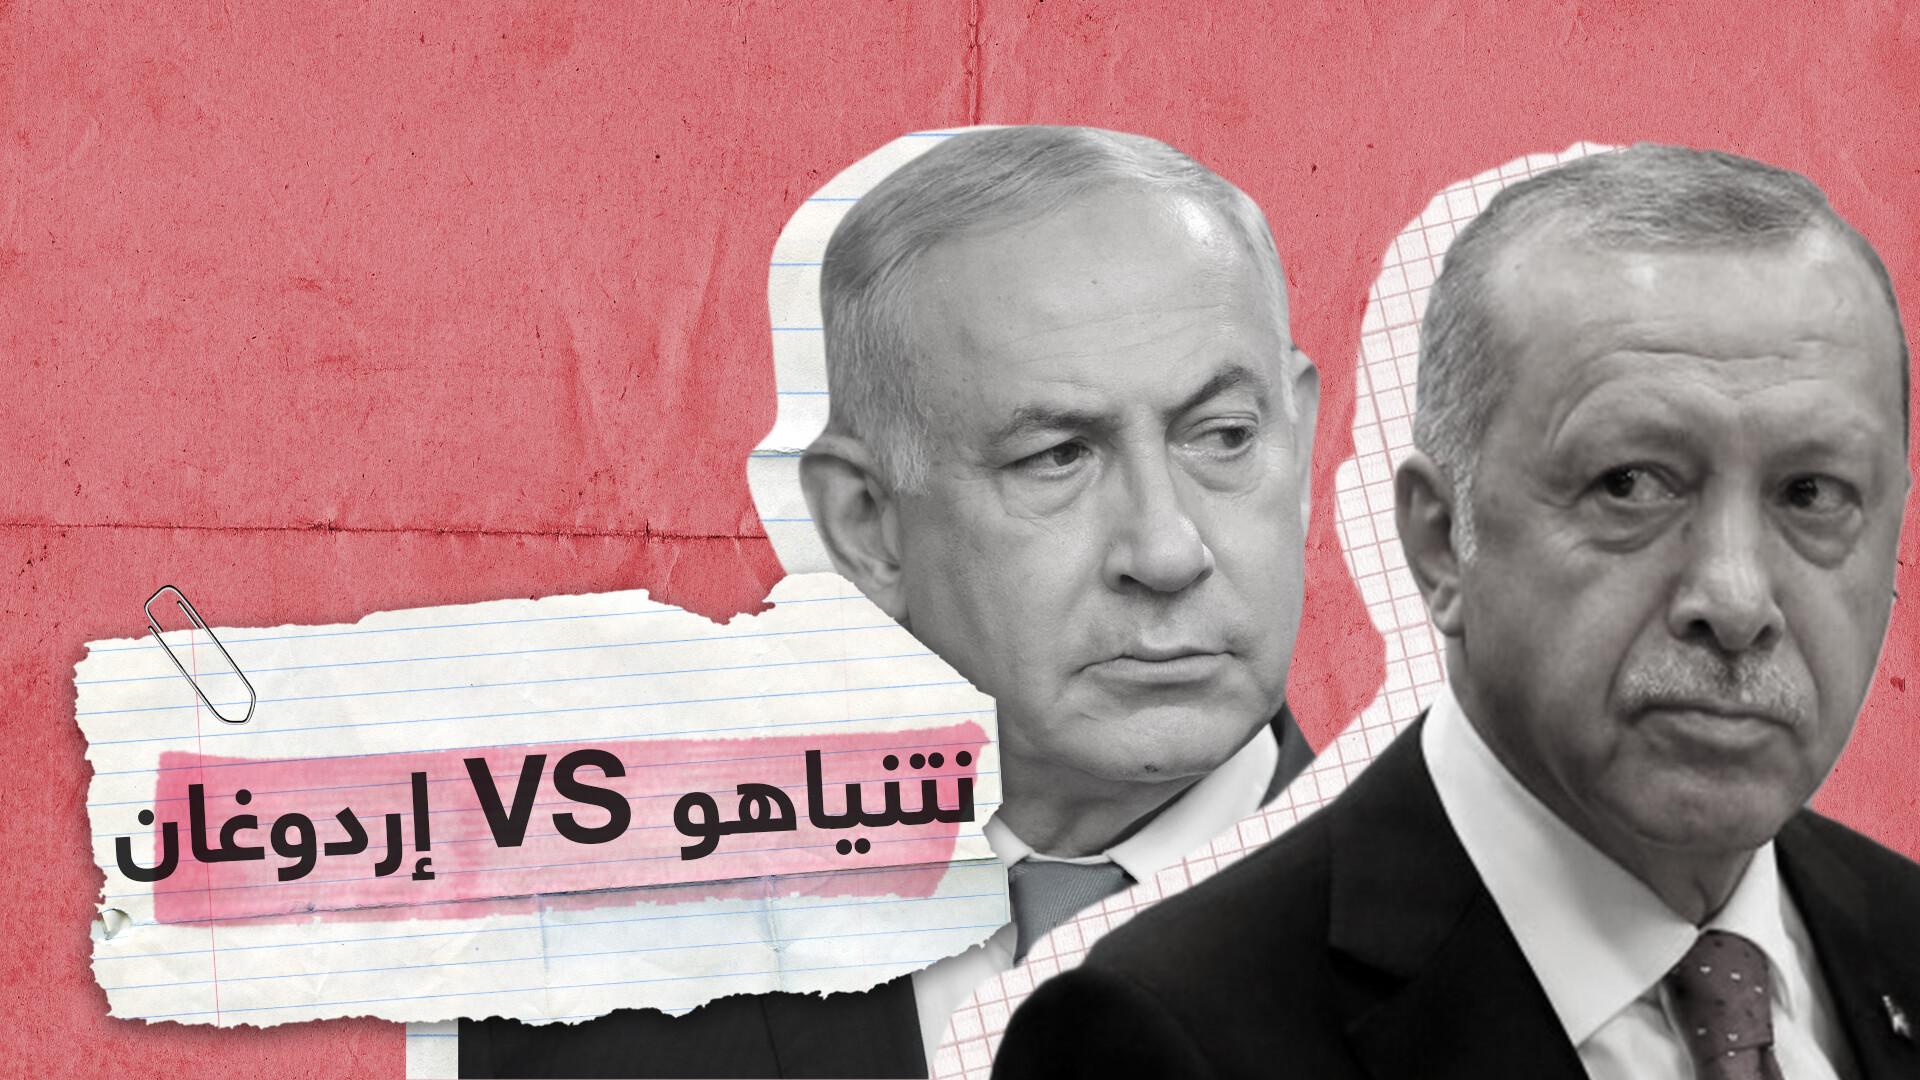 إردوغان يفتح النار على إسرائيل ونتنياهو يرد